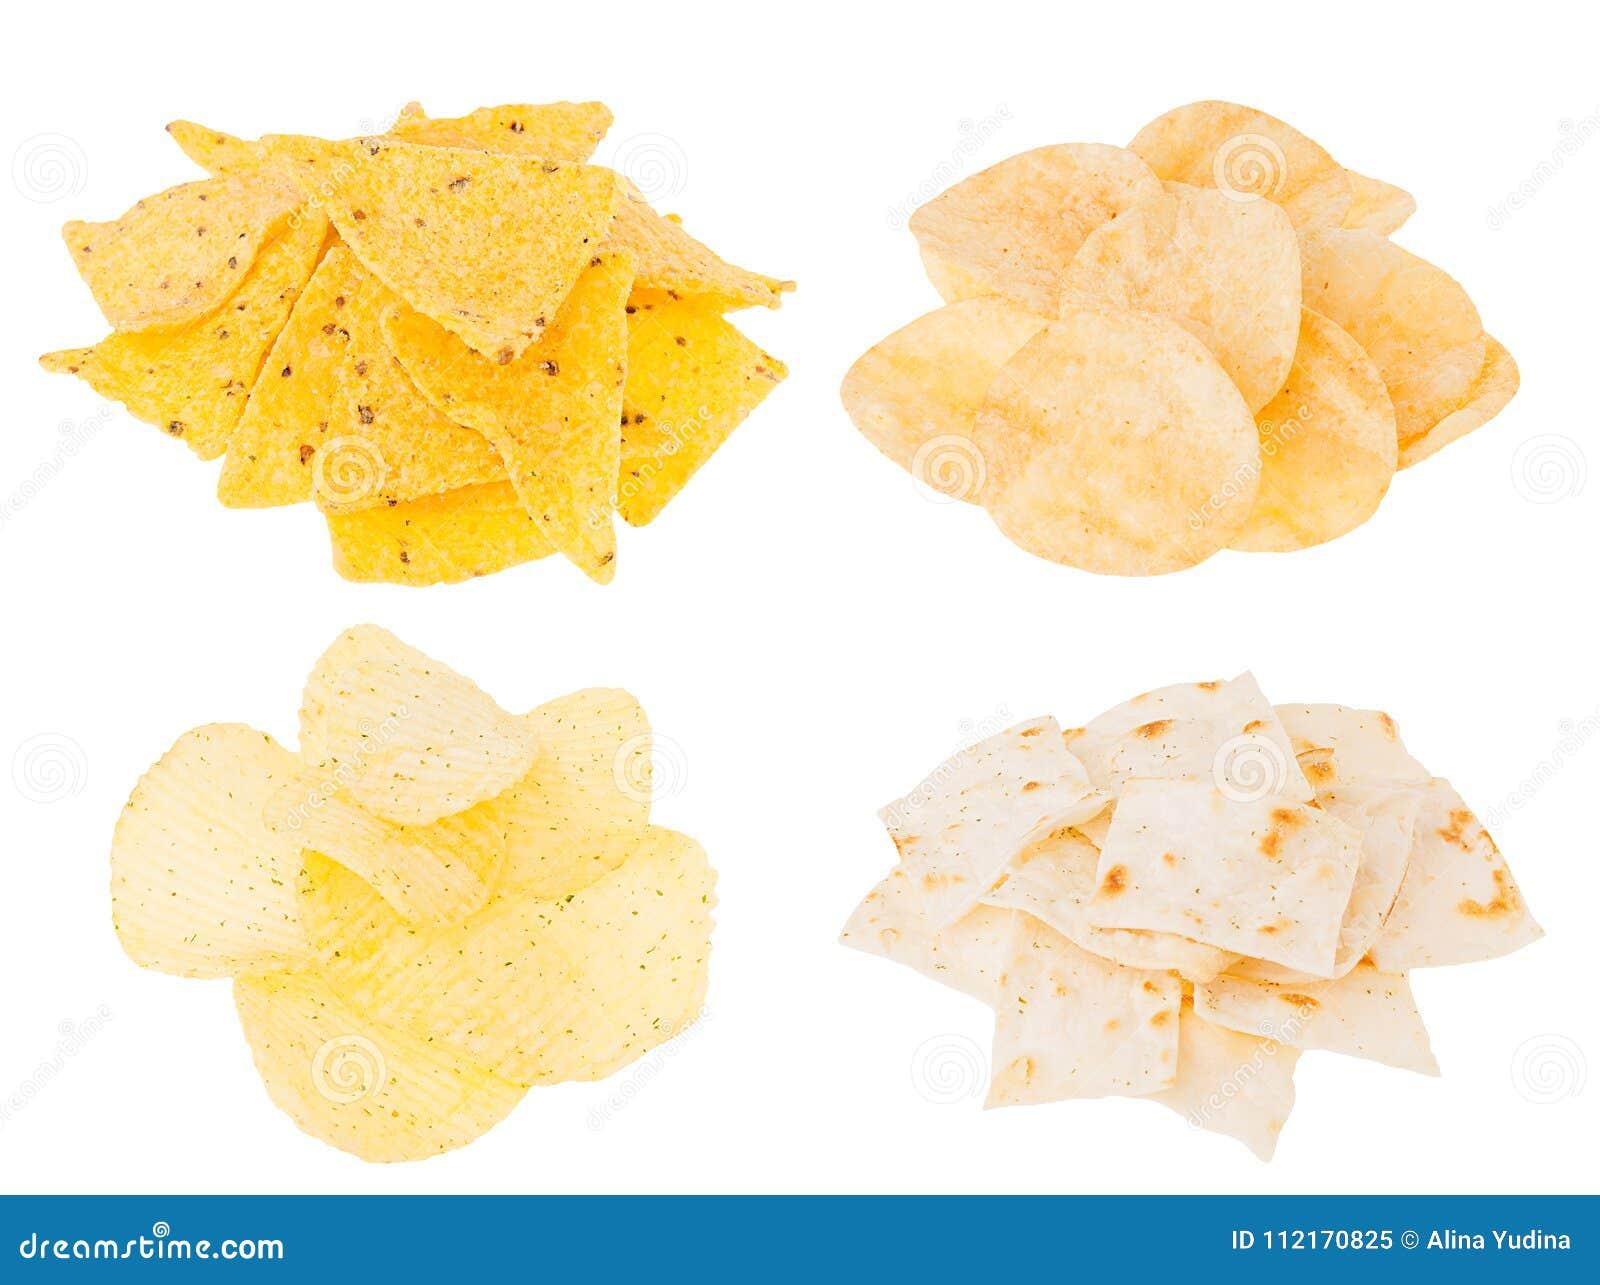 Piwo przekąsza kolekcję - crunchy frytki, nachos, tortilla w rozsypiskach odizolowywających na białym tle